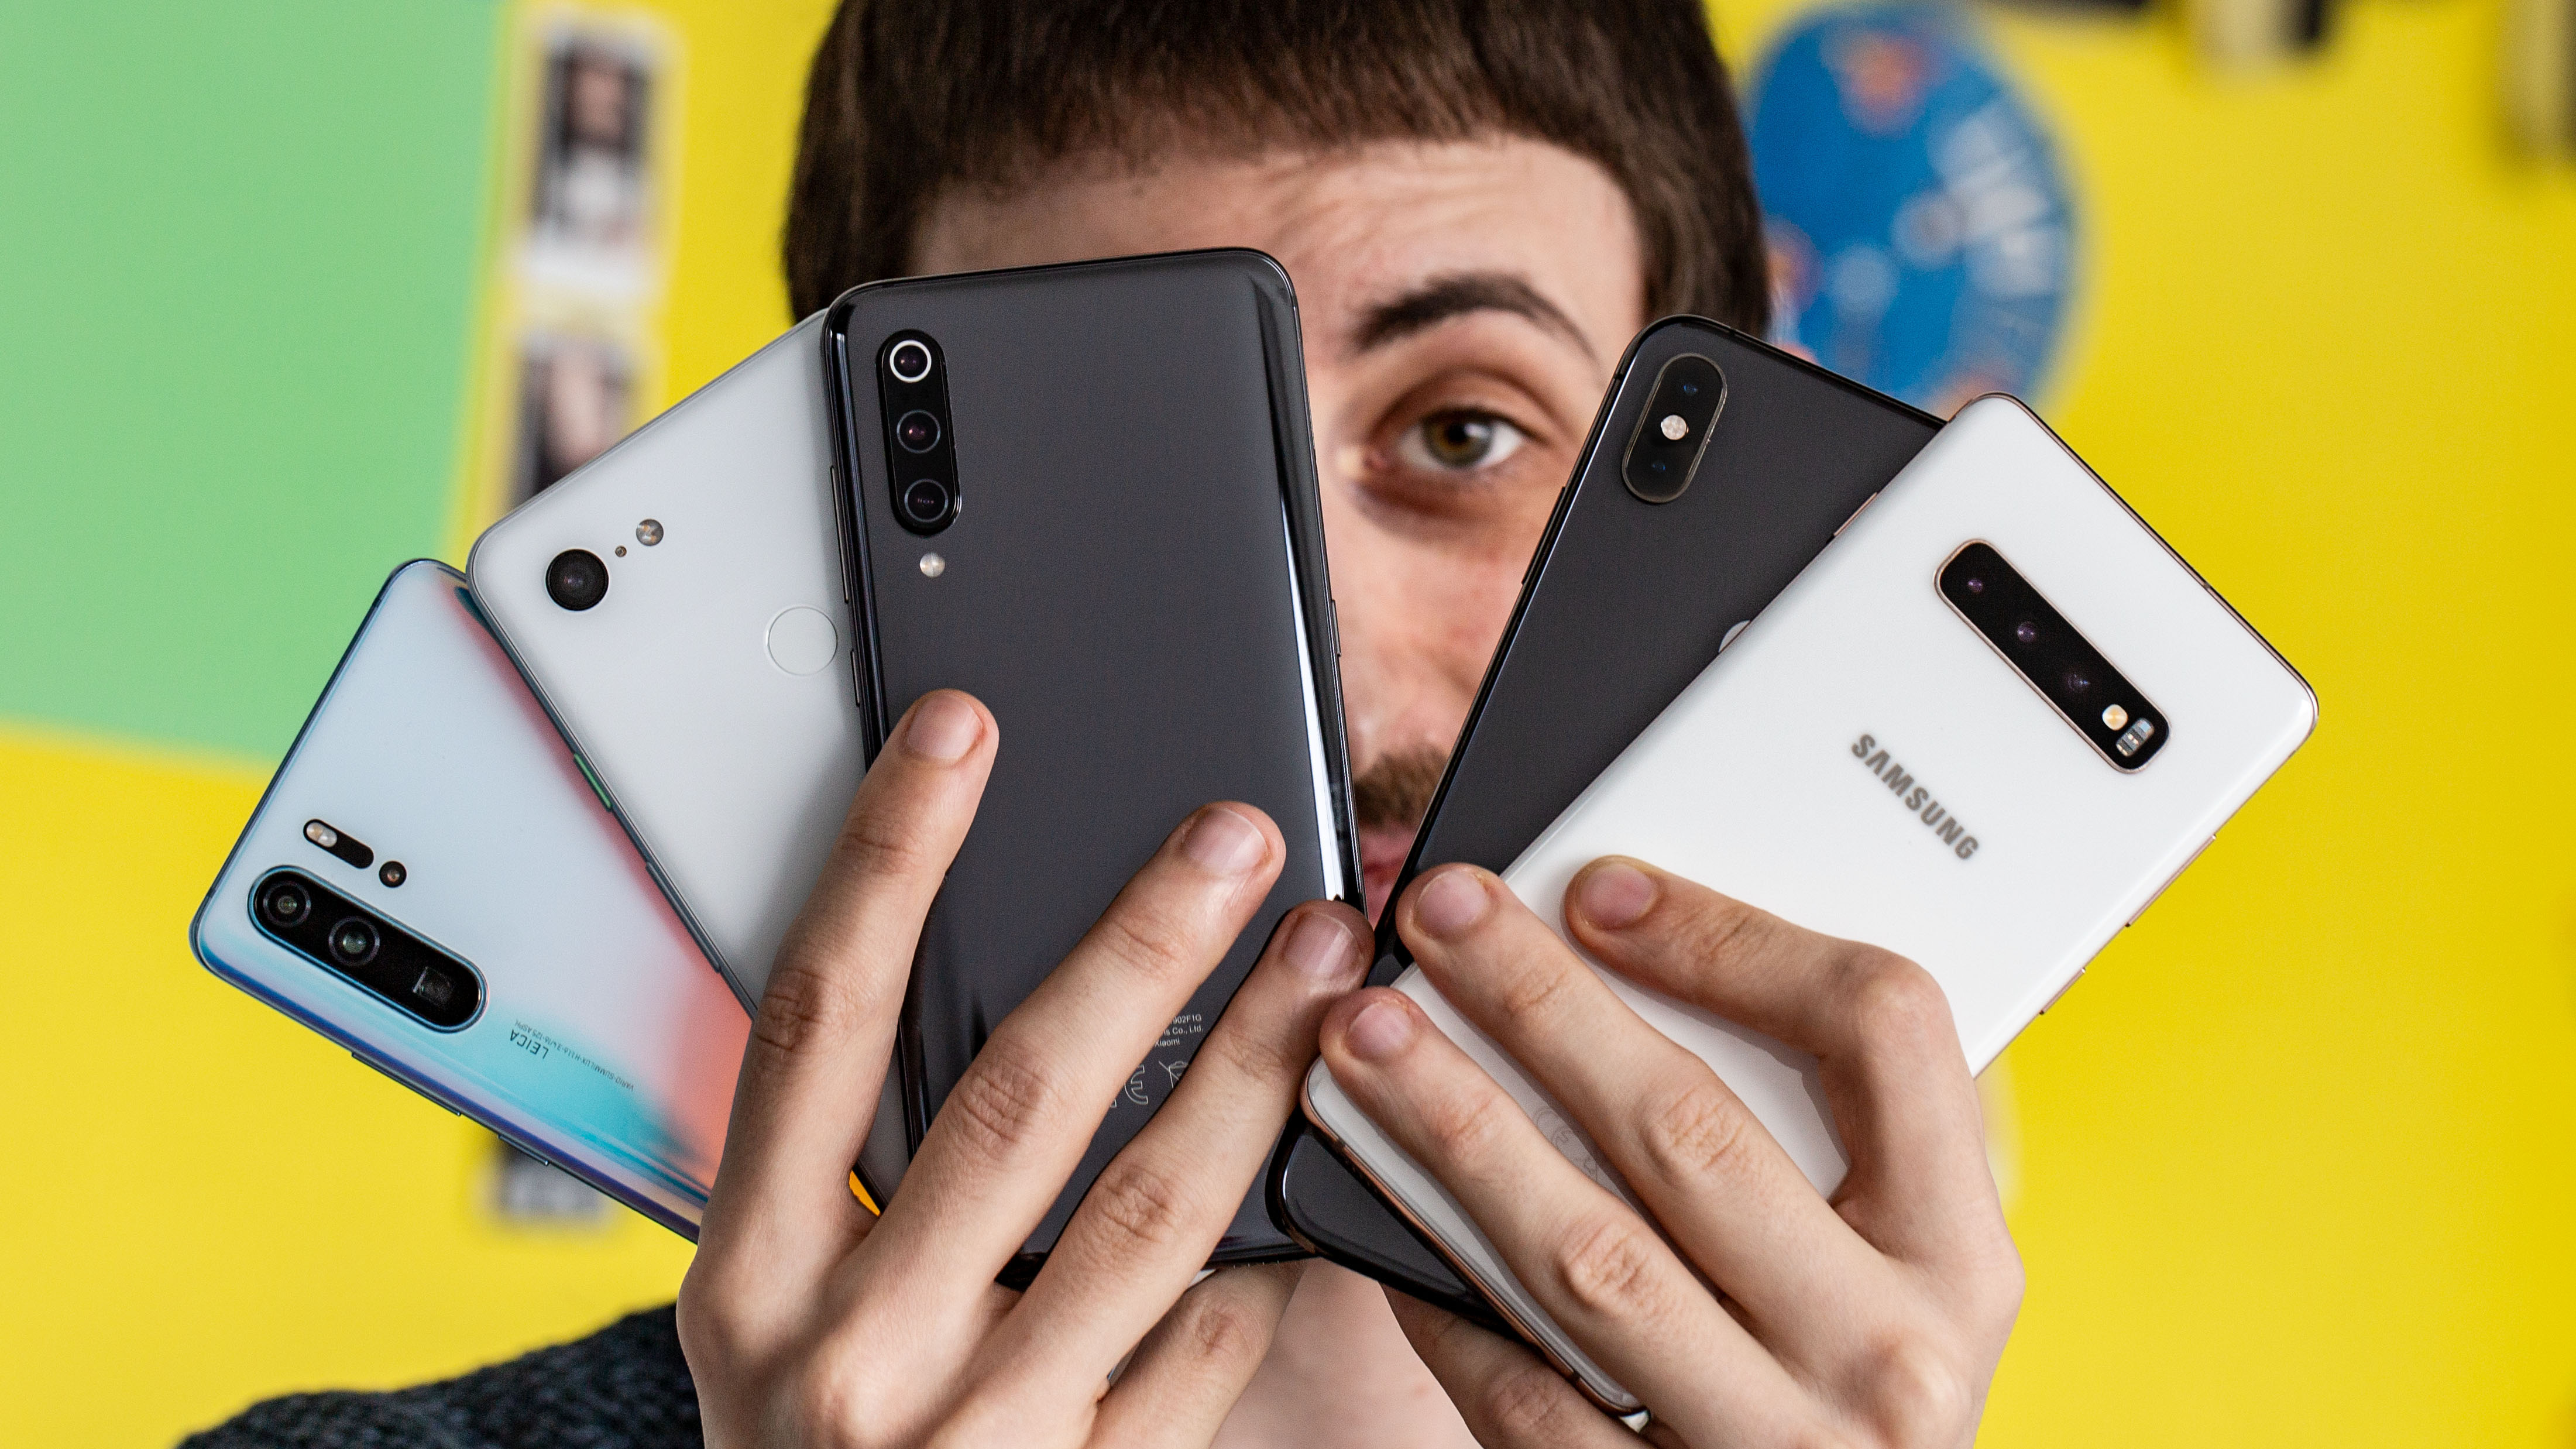 Kamera-Blindtest: Das Huawei P30 Pro ruiniert unseren Vergleich